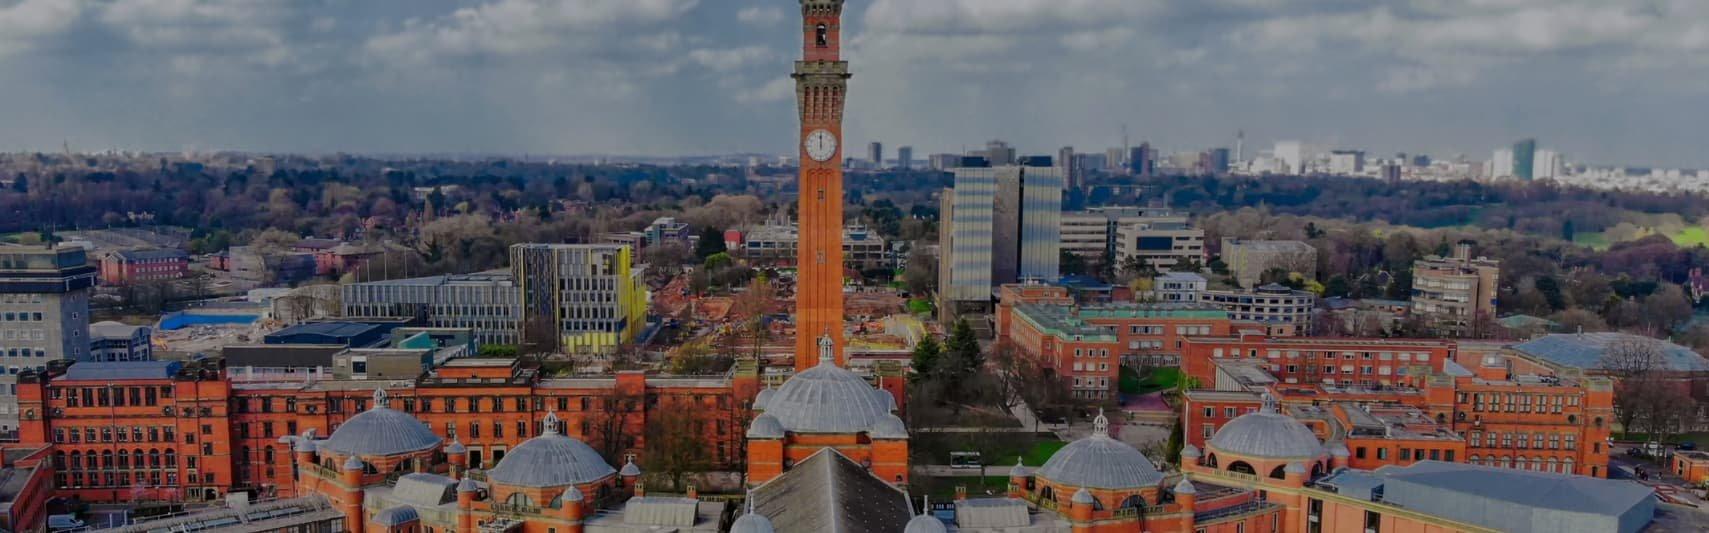 Birmingham City Üniversitesi